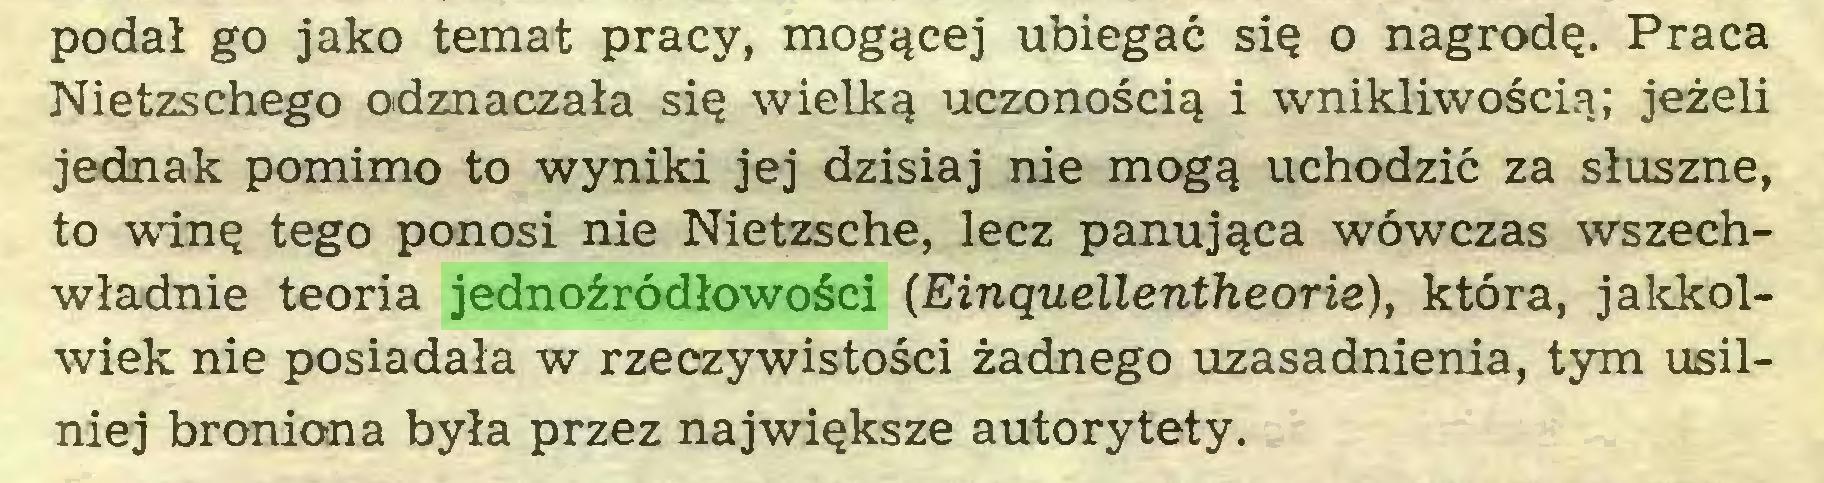 (...) podał go jako temat pracy, mogącej ubiegać się o nagrodę. Praca Nietzschego odznaczała się wielką uczonością i wnikliwością; jeżeli jednak pomimo to wyniki jej dzisiaj nie mogą uchodzić za słuszne, to winę tego ponosi nie Nietzsche, lecz panująca wówczas wszechwładnie teoria jednoźródłowości (Einąuellentheoris), która, jakkolwiek nie posiadała w rzeczywistości żadnego uzasadnienia, tym usilniej broniona była przez największe autorytety...